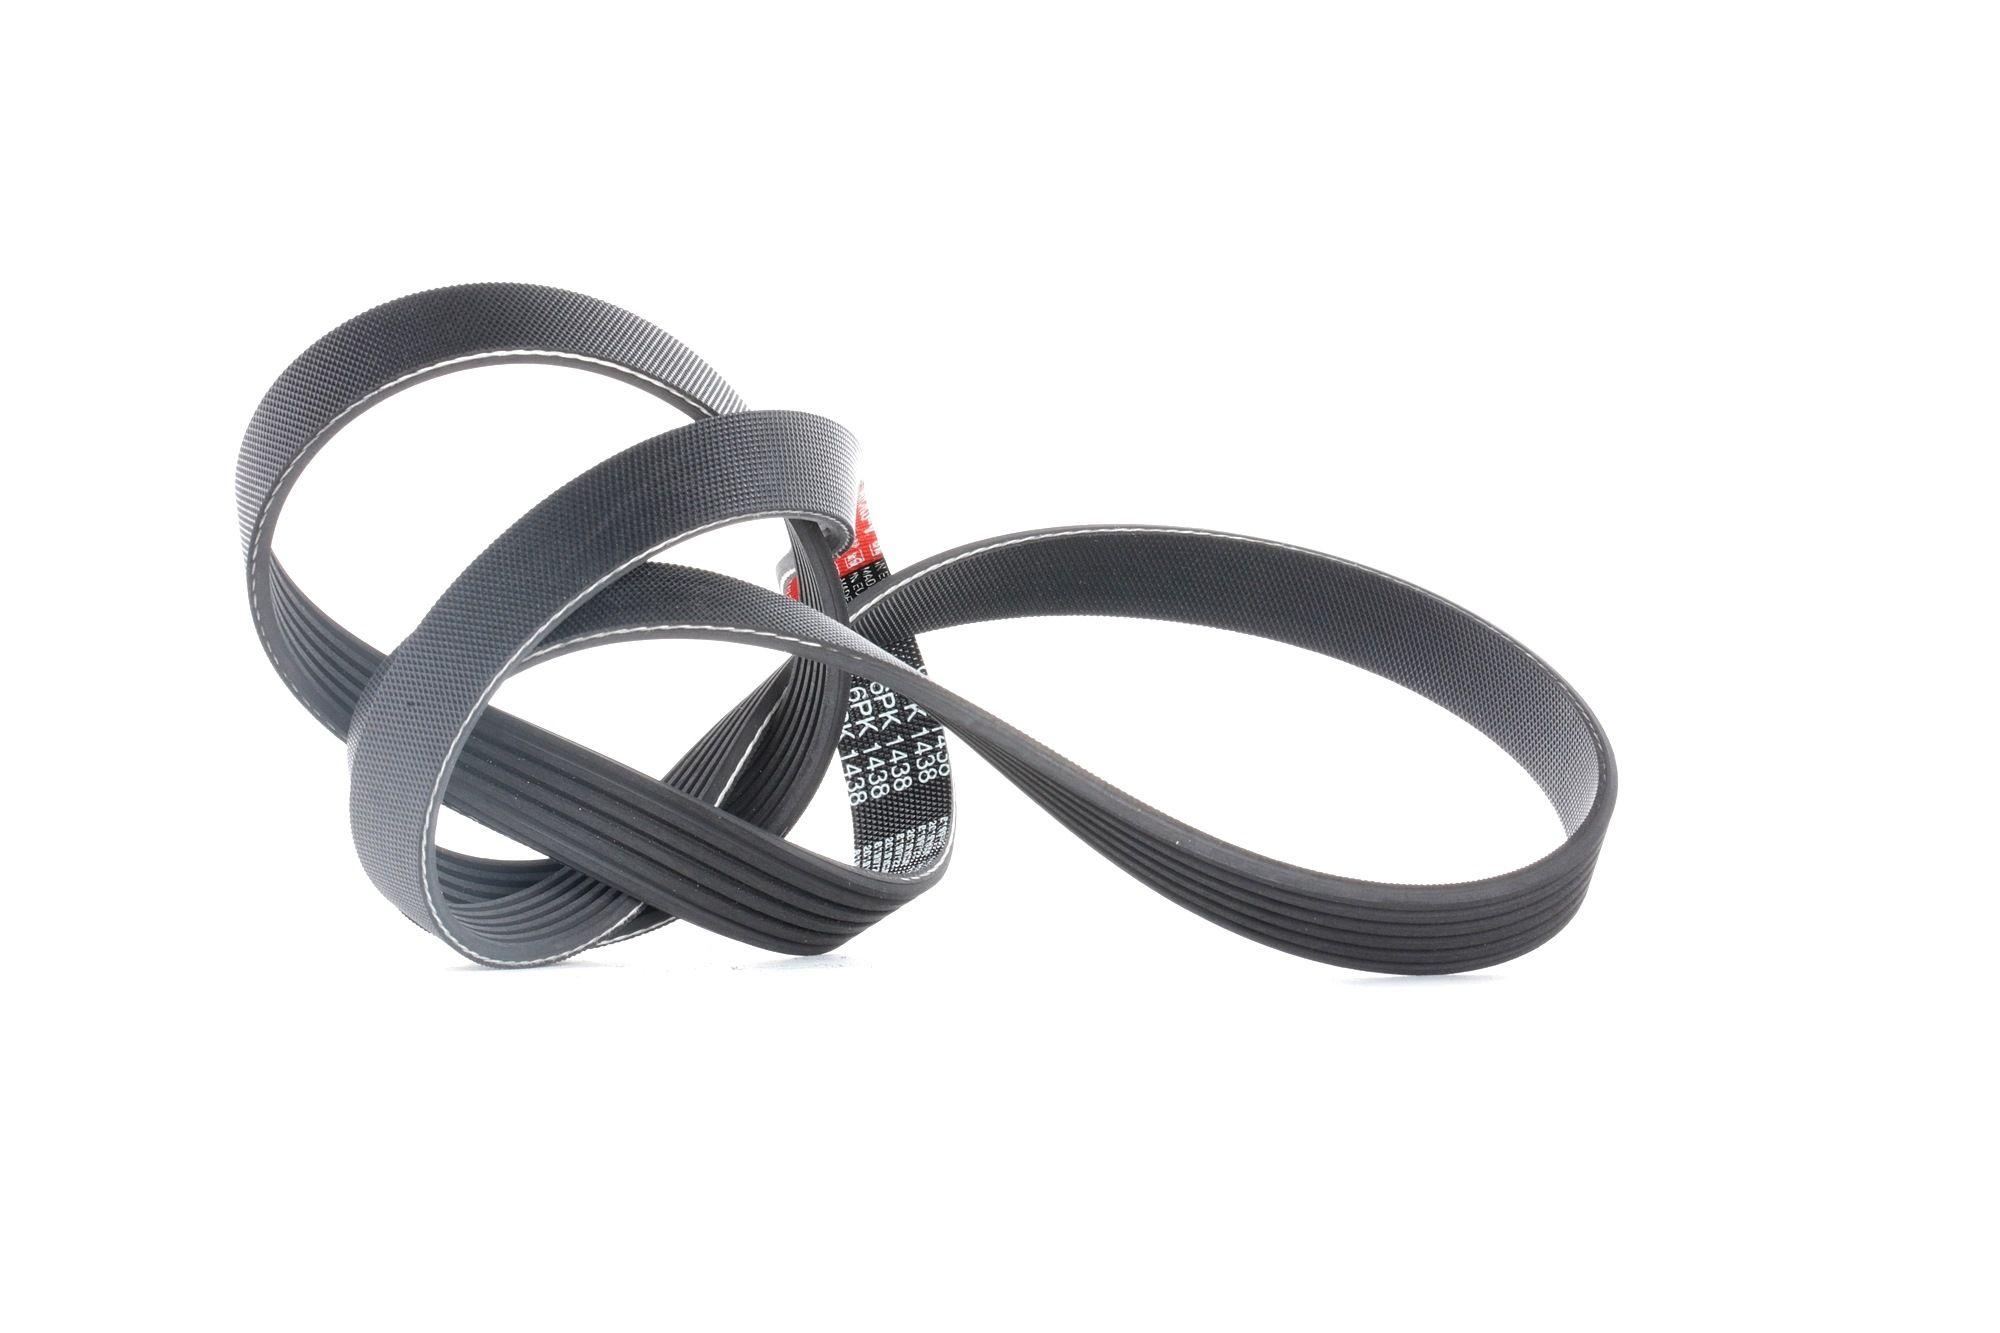 865310312 GATES Micro-V® Rippenanzahl: 6, Länge: 1438mm Keilrippenriemen 6PK1438 günstig kaufen